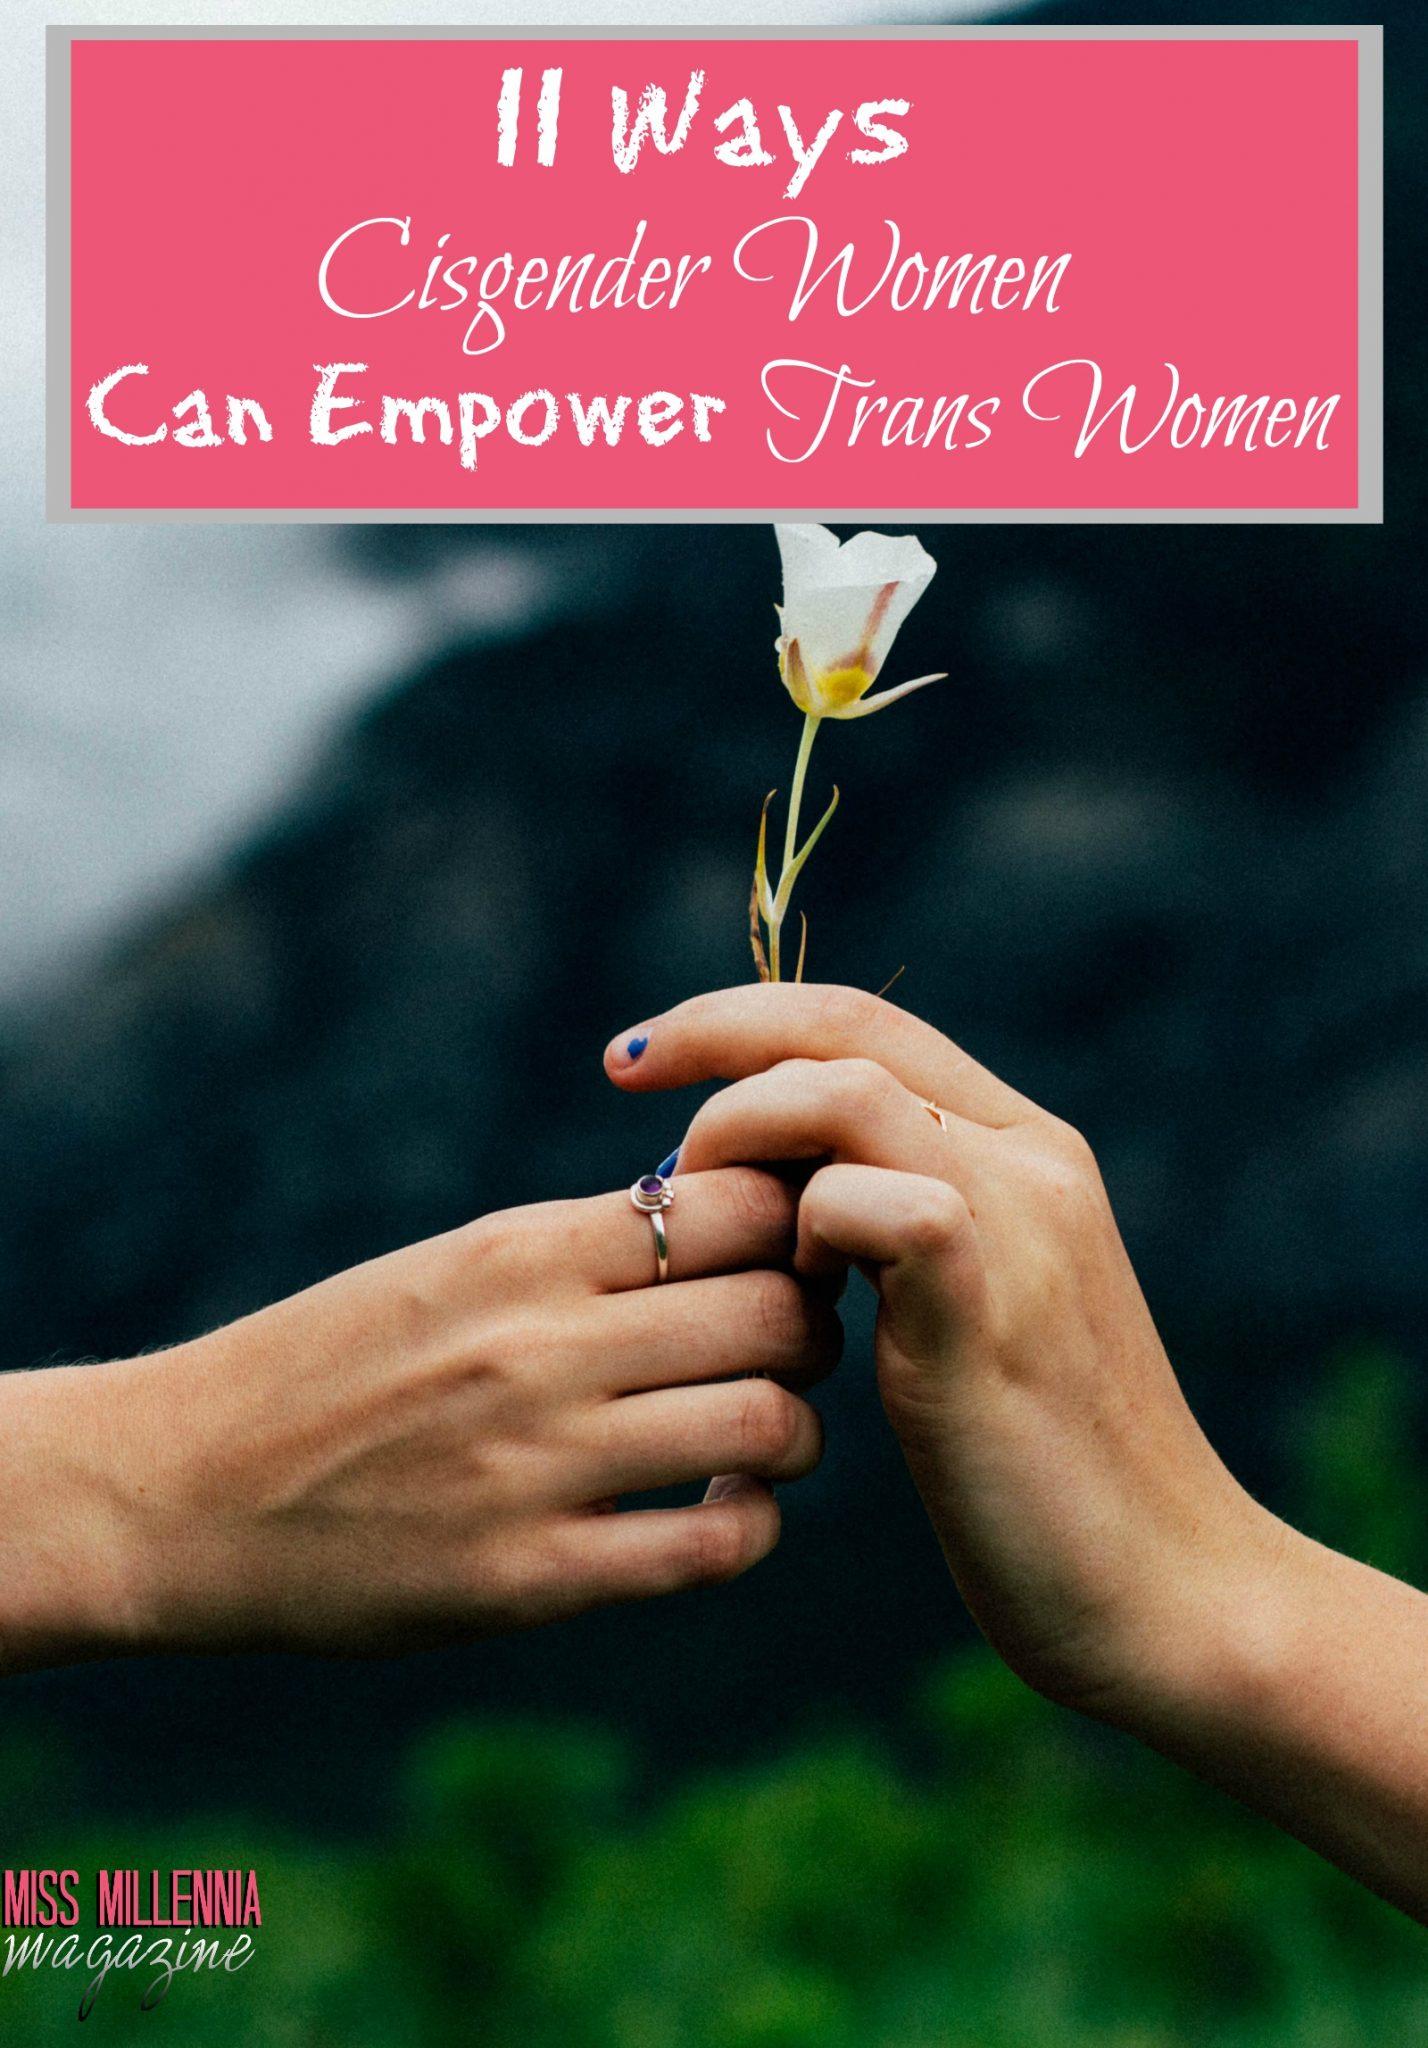 11 Ways Cisgender Women Can Empower Trans Women